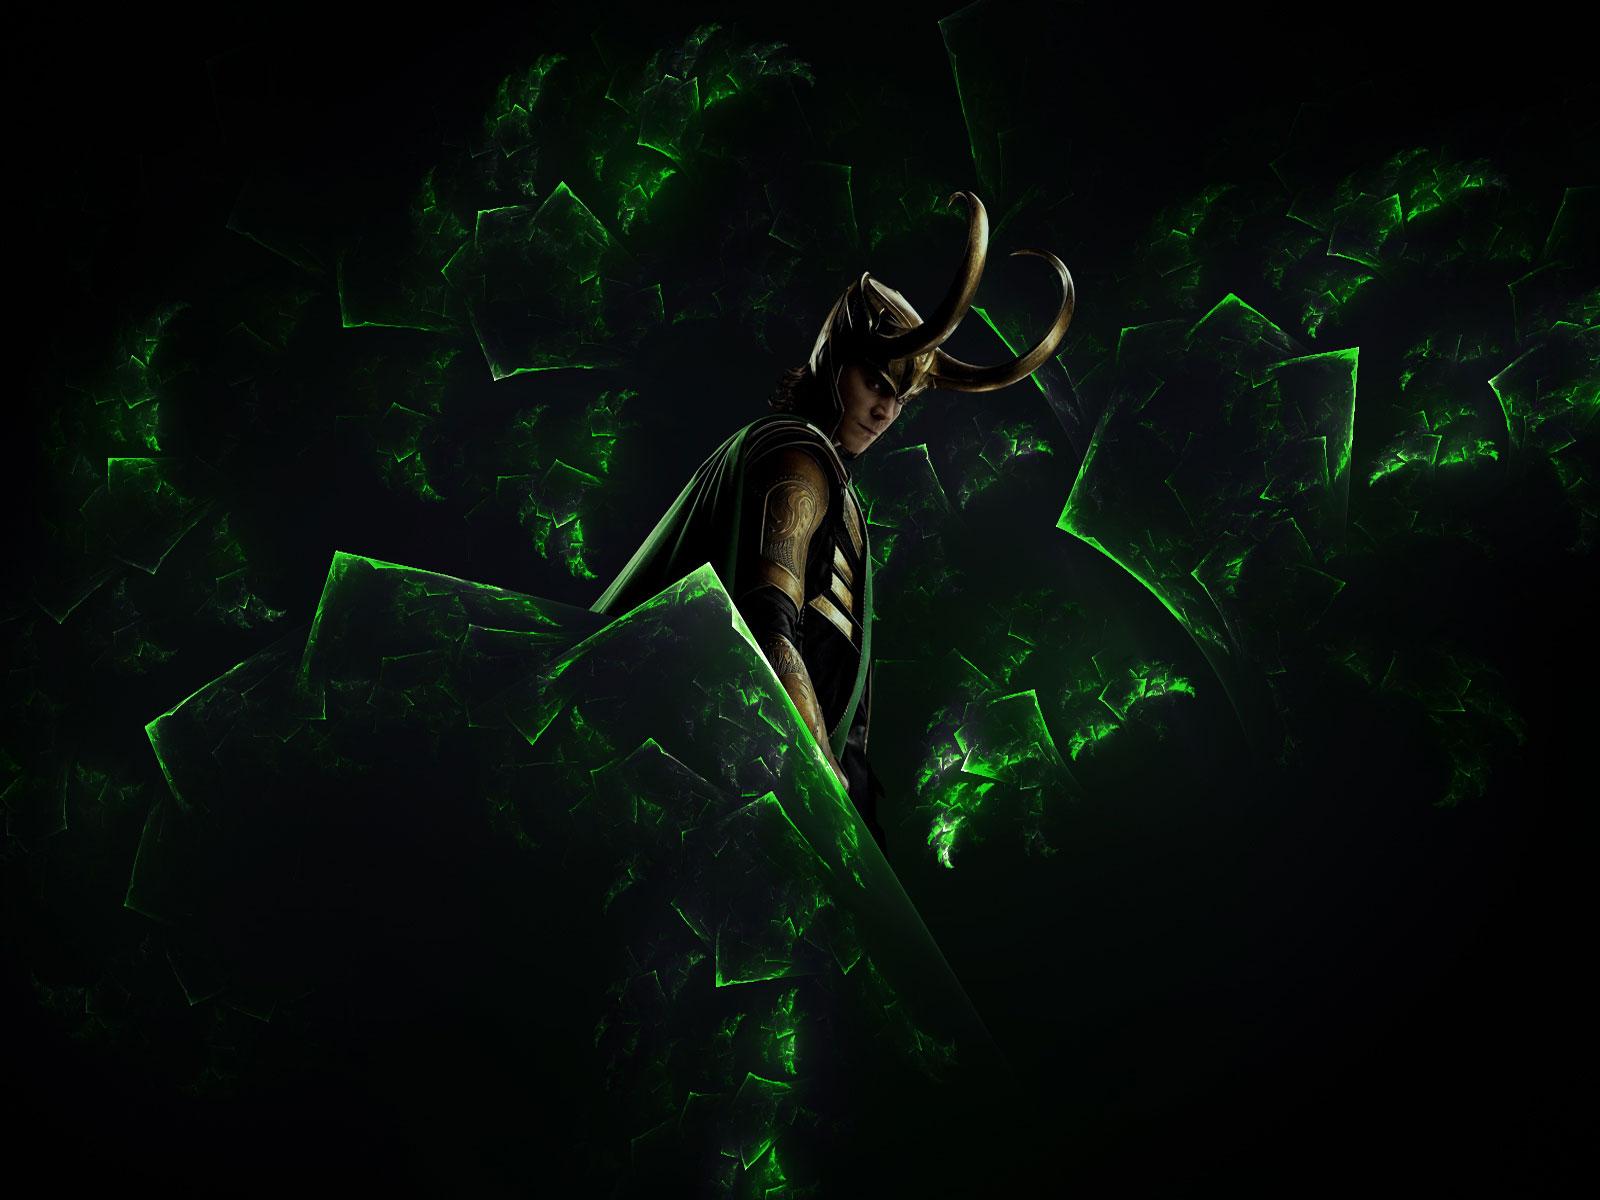 Thor and Loki Wallpaper - WallpaperSafari